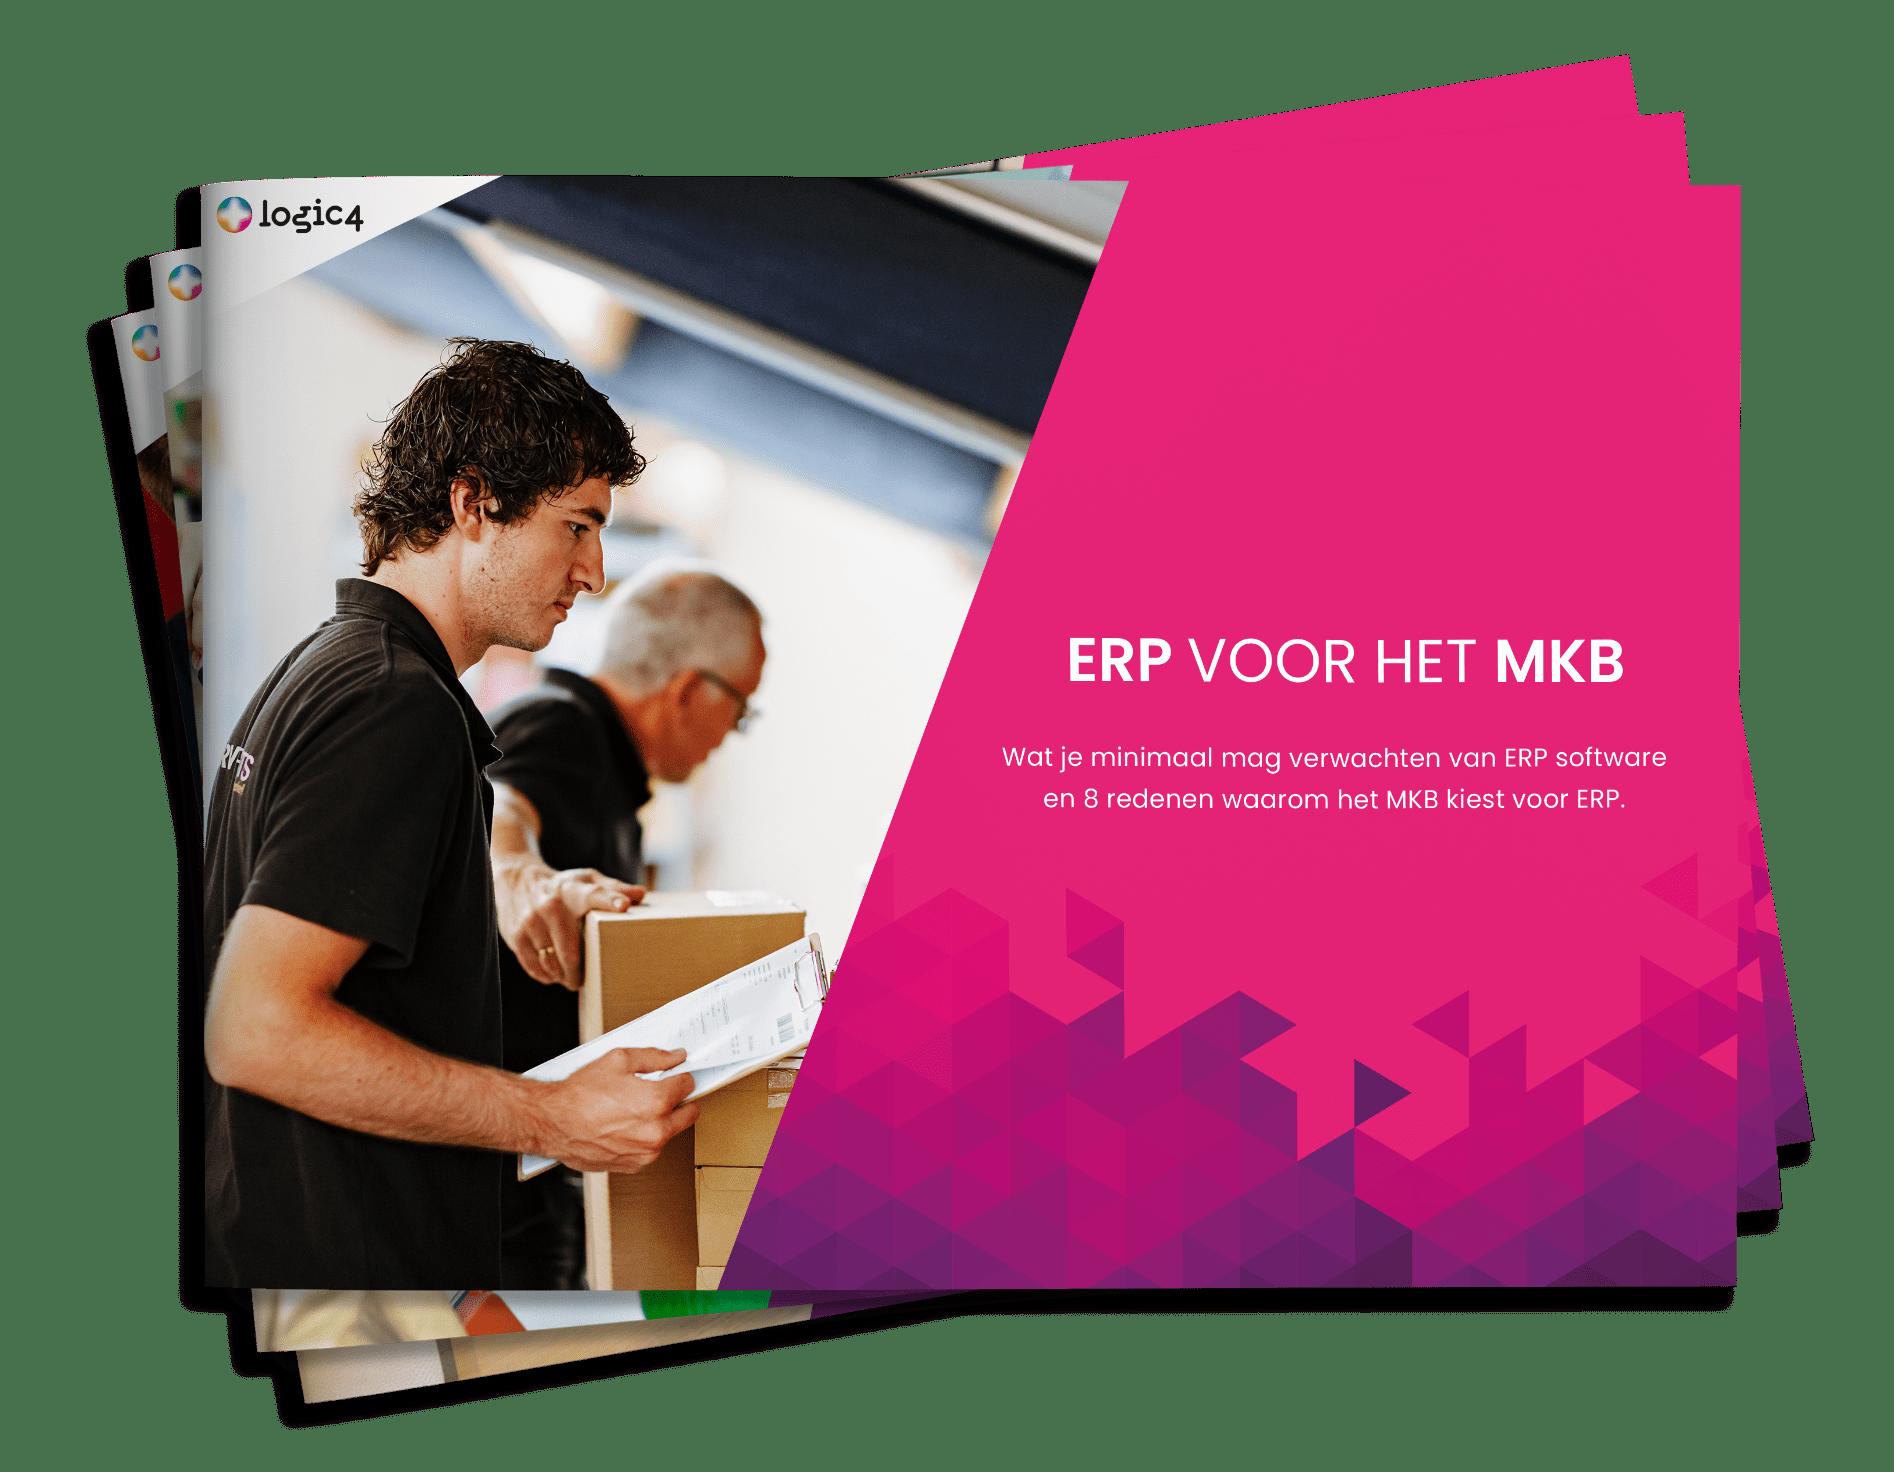 WP-erp-voor-het-mkb-mockup-wp-portaal